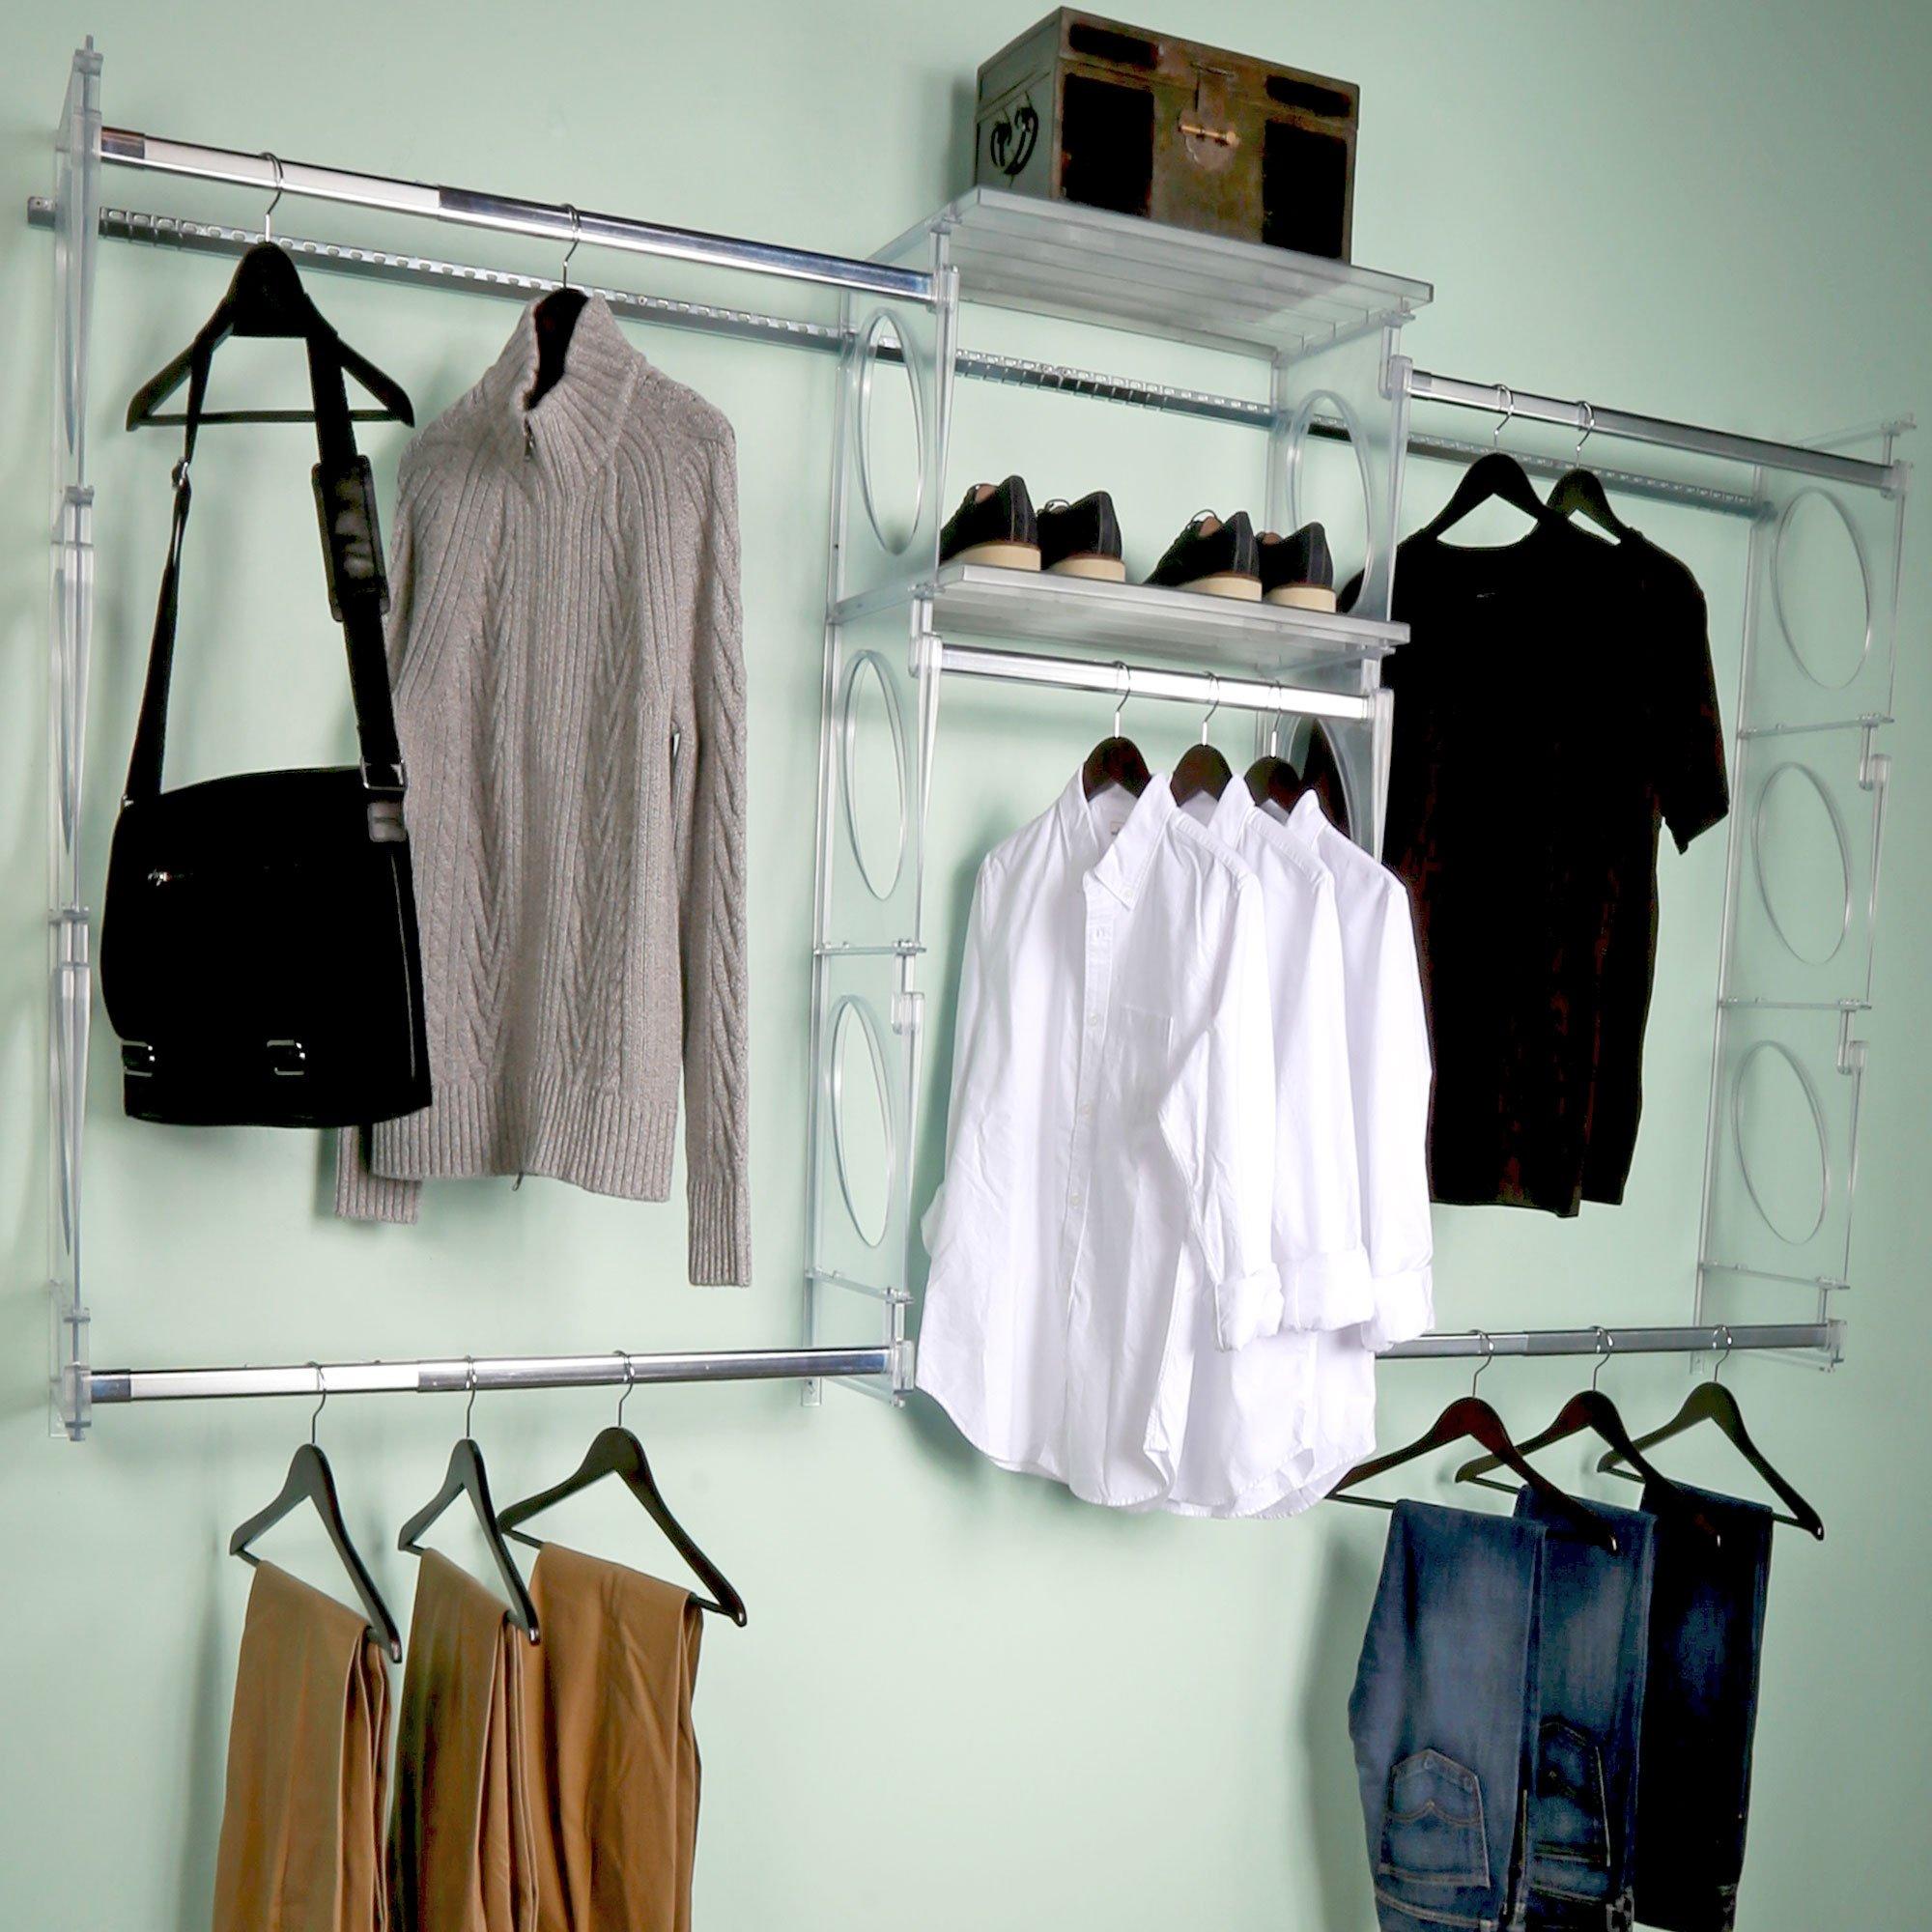 KiO Closet Organizer System - Professional Grade - Revolutionary Single Track Design For Easy Installation - Lifetime Guarantee